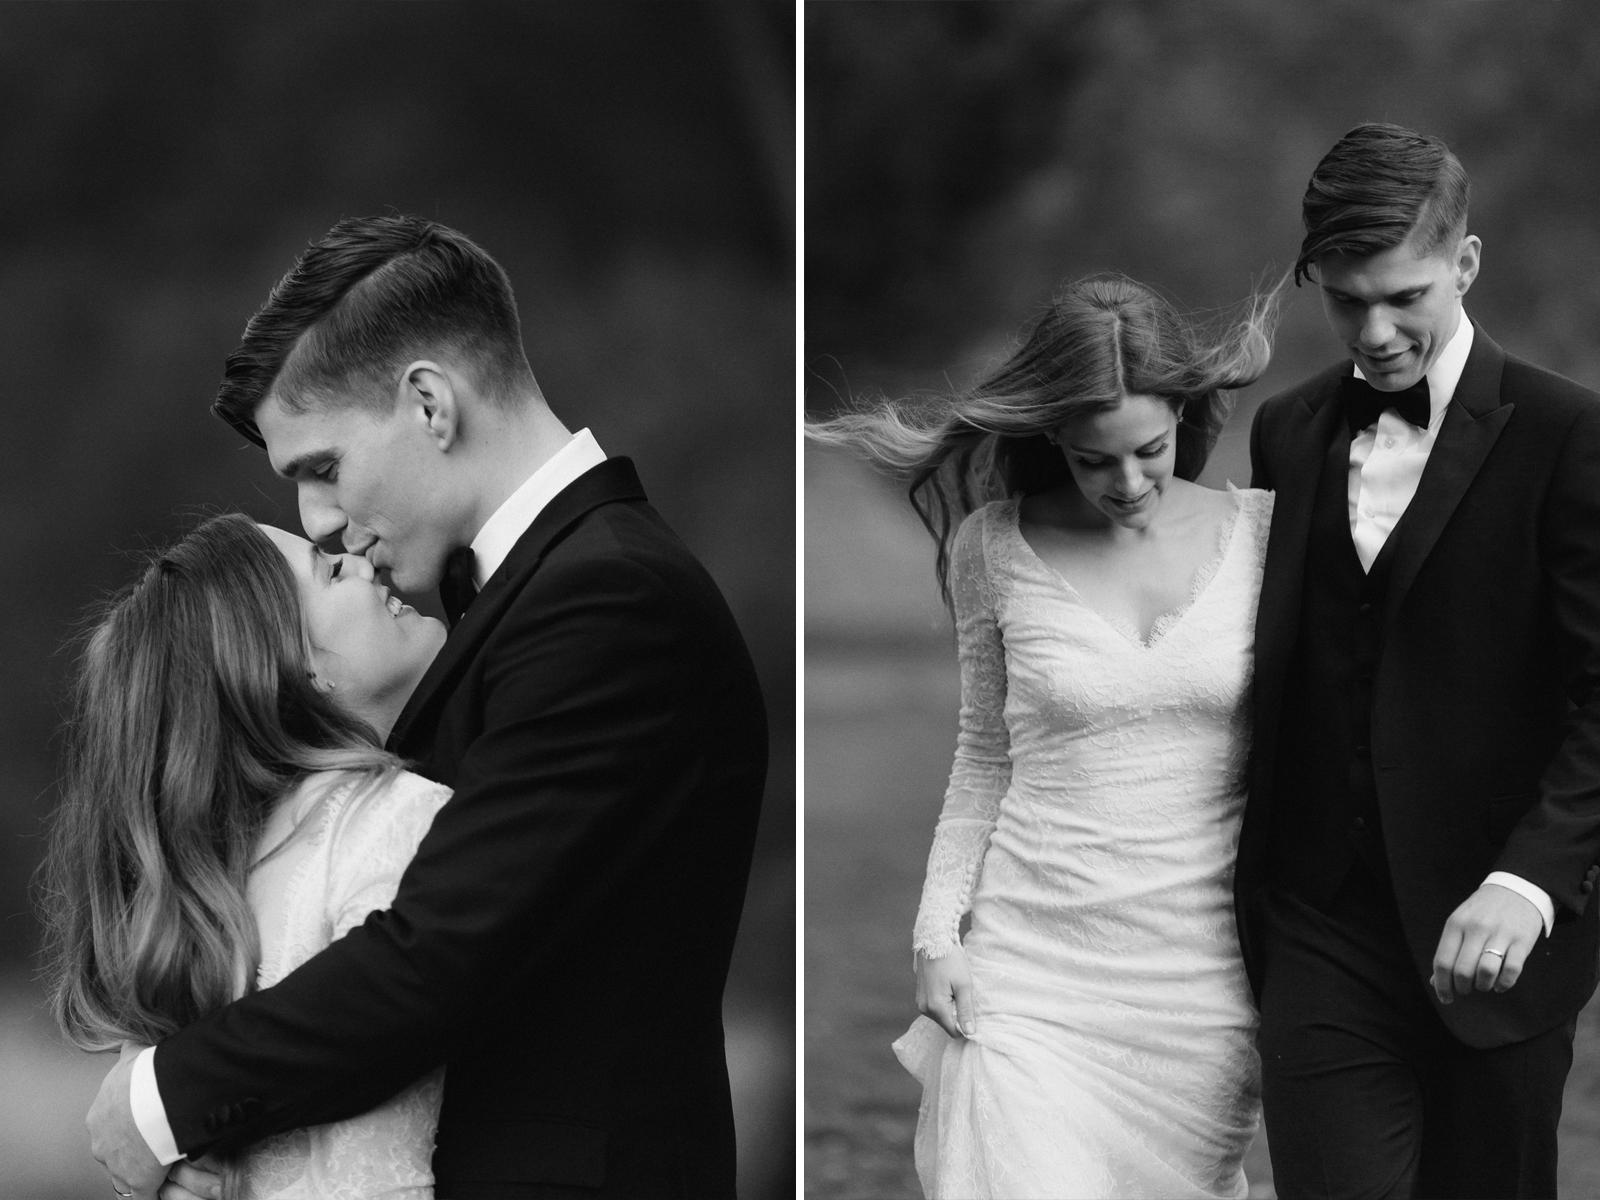 riley-keough-wedding